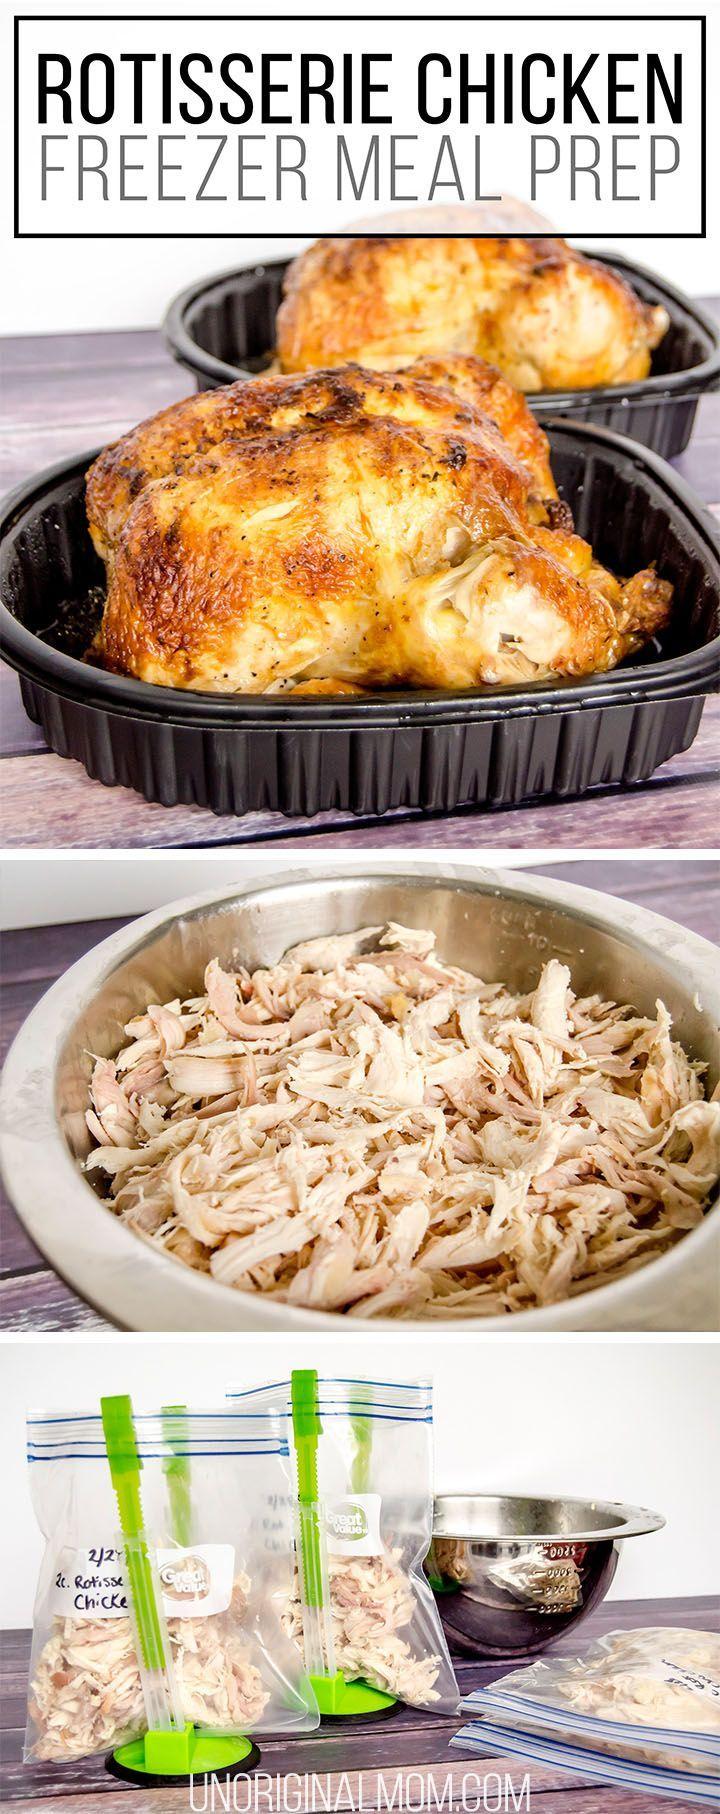 rotisserie chicken freezer meal prep